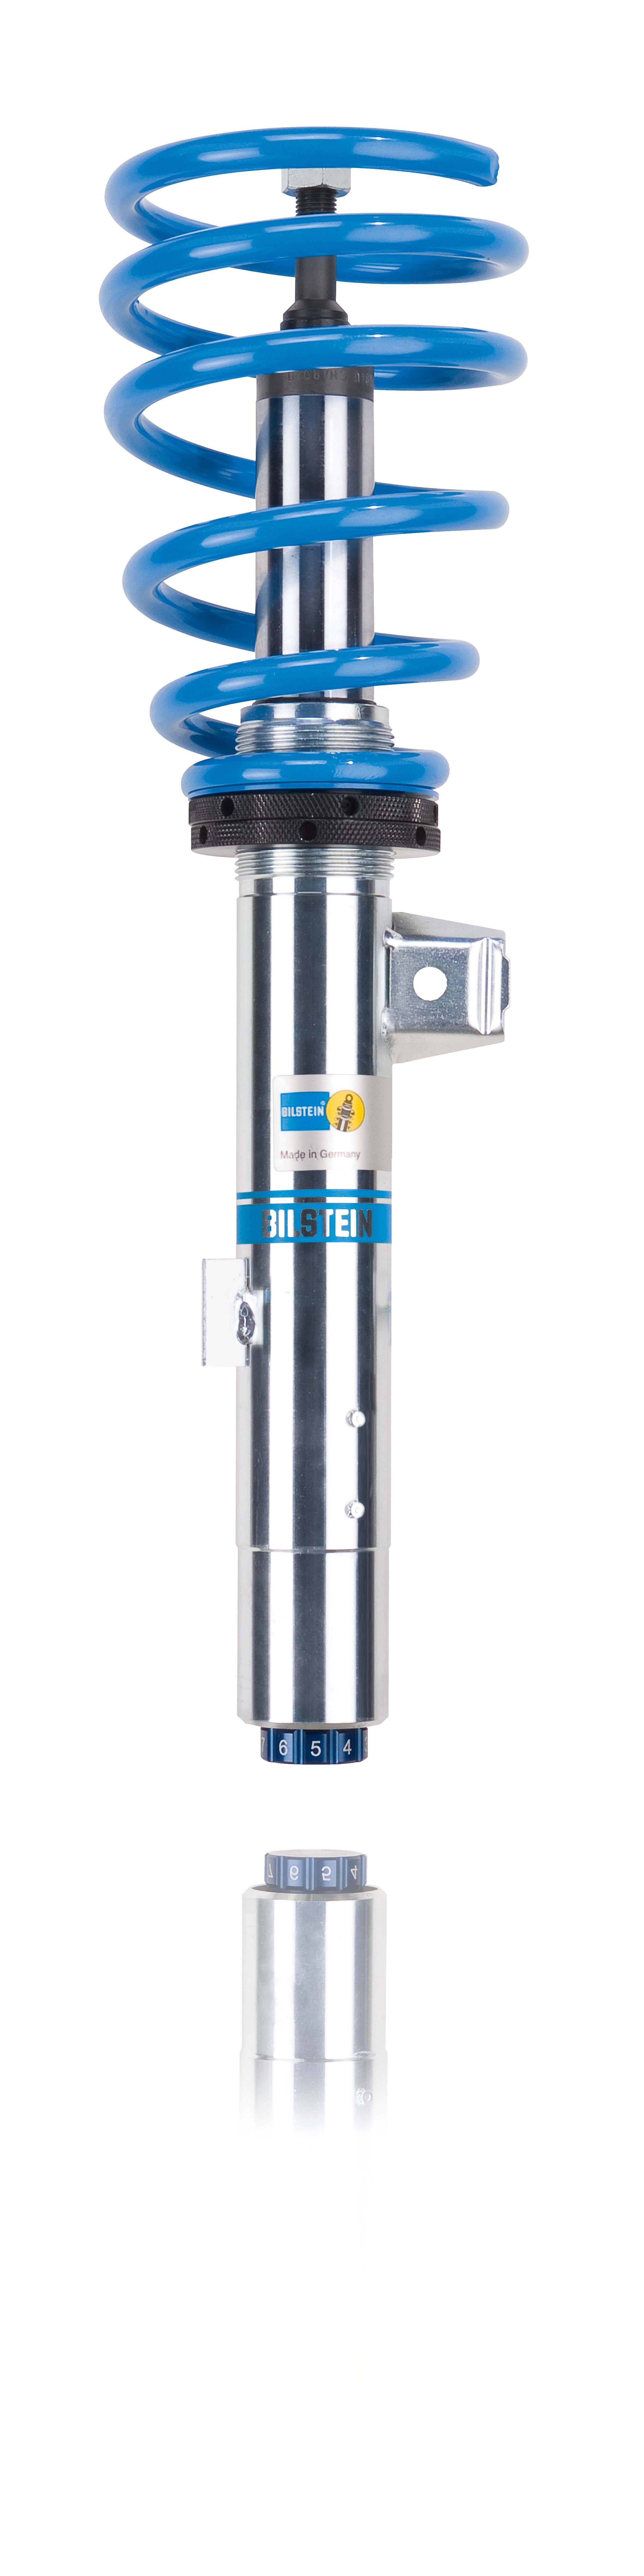 Die Einrohr-Gasdruck-Technologie des Gewindefahrwerks BILSTEIN B14 sorgt für erhöhte Spur- und Bremsstabilität.